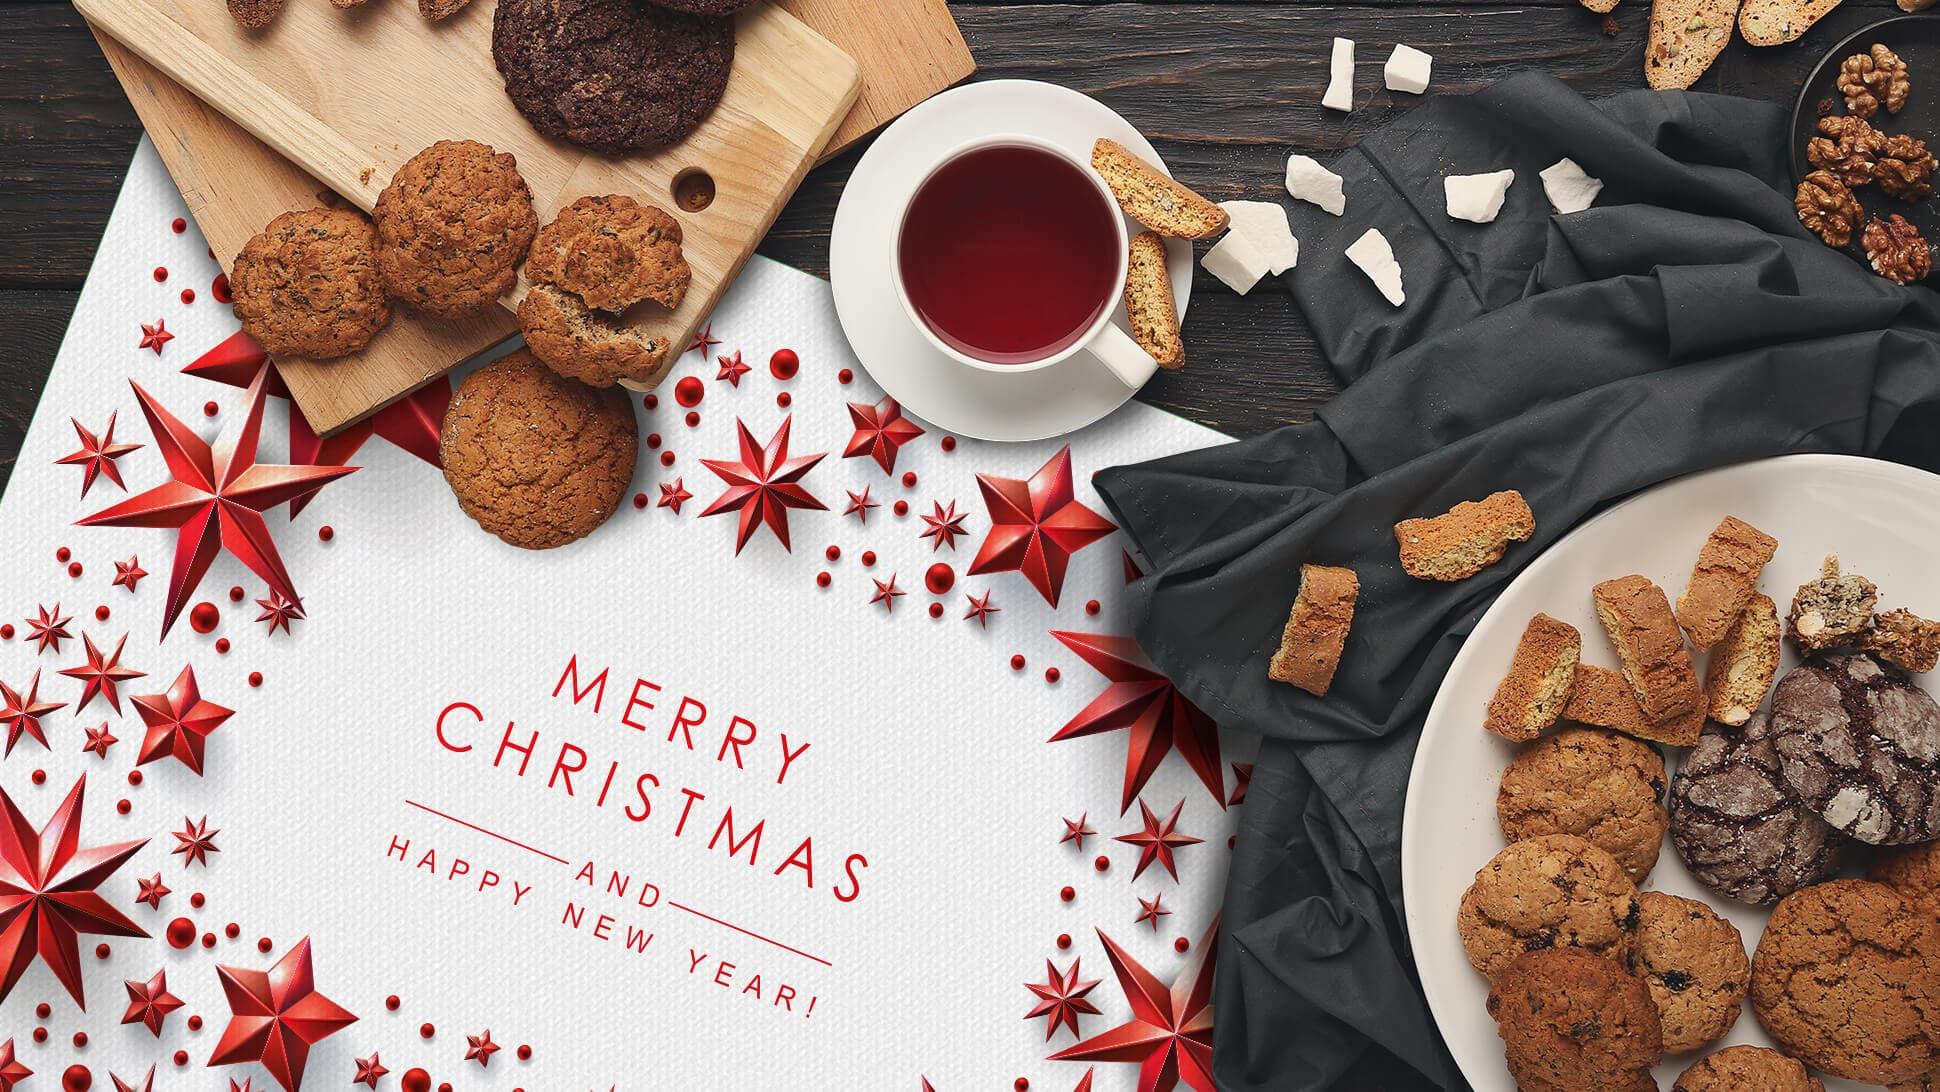 Tovagliette per festività natalizie con grafica rossa | tictac.it